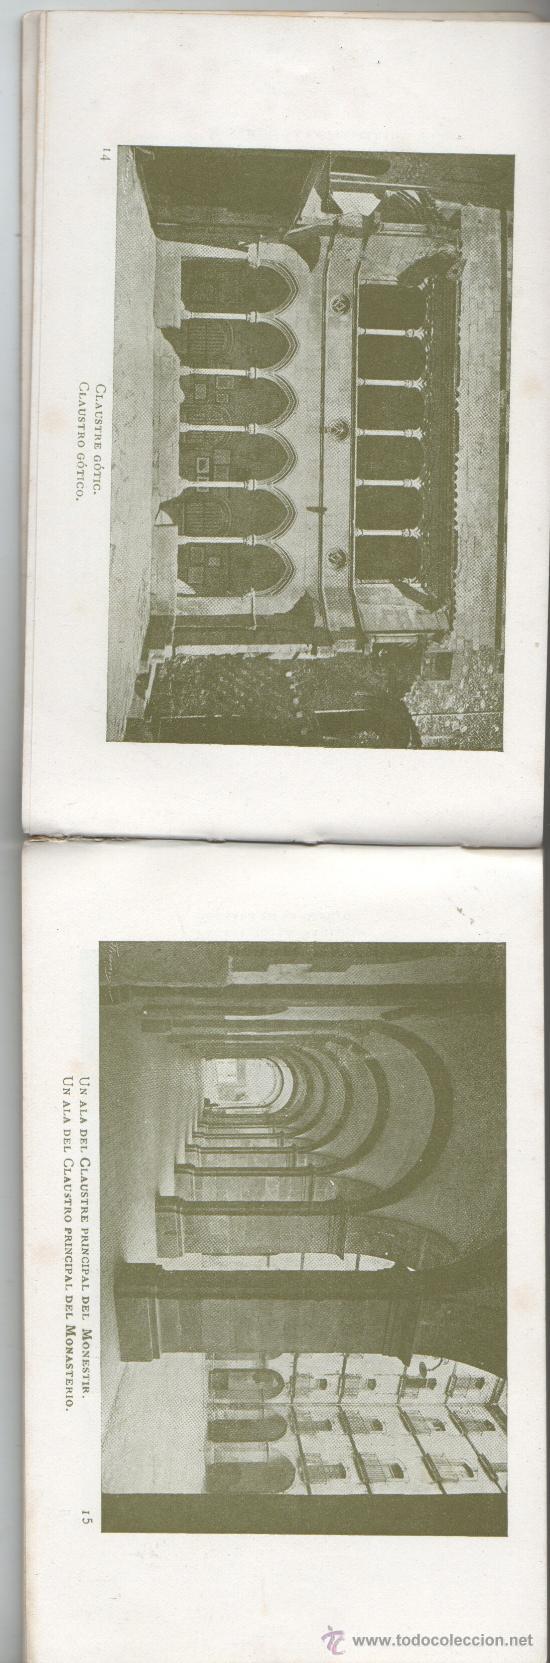 Postales: bloc de postales de montserrat de U.I.O.G.D FOTOS 80 - Foto 6 - 35855146